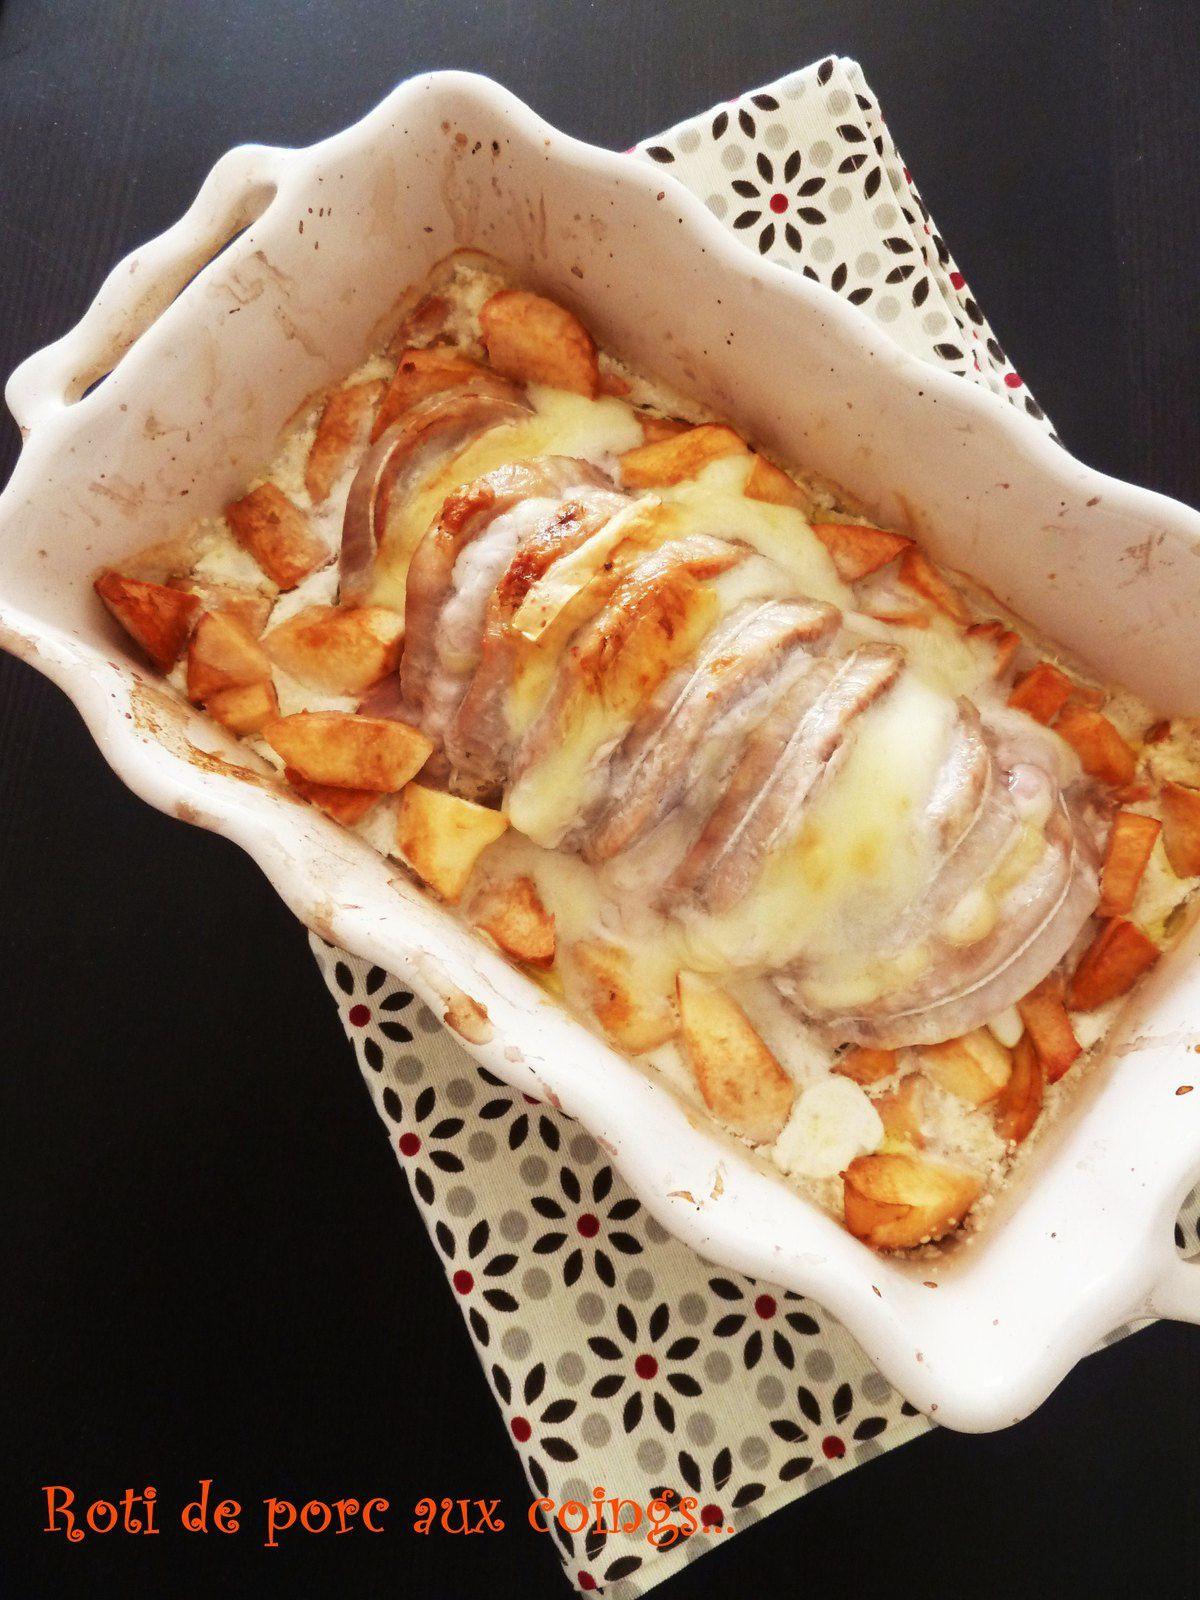 Roti de porc aux coings